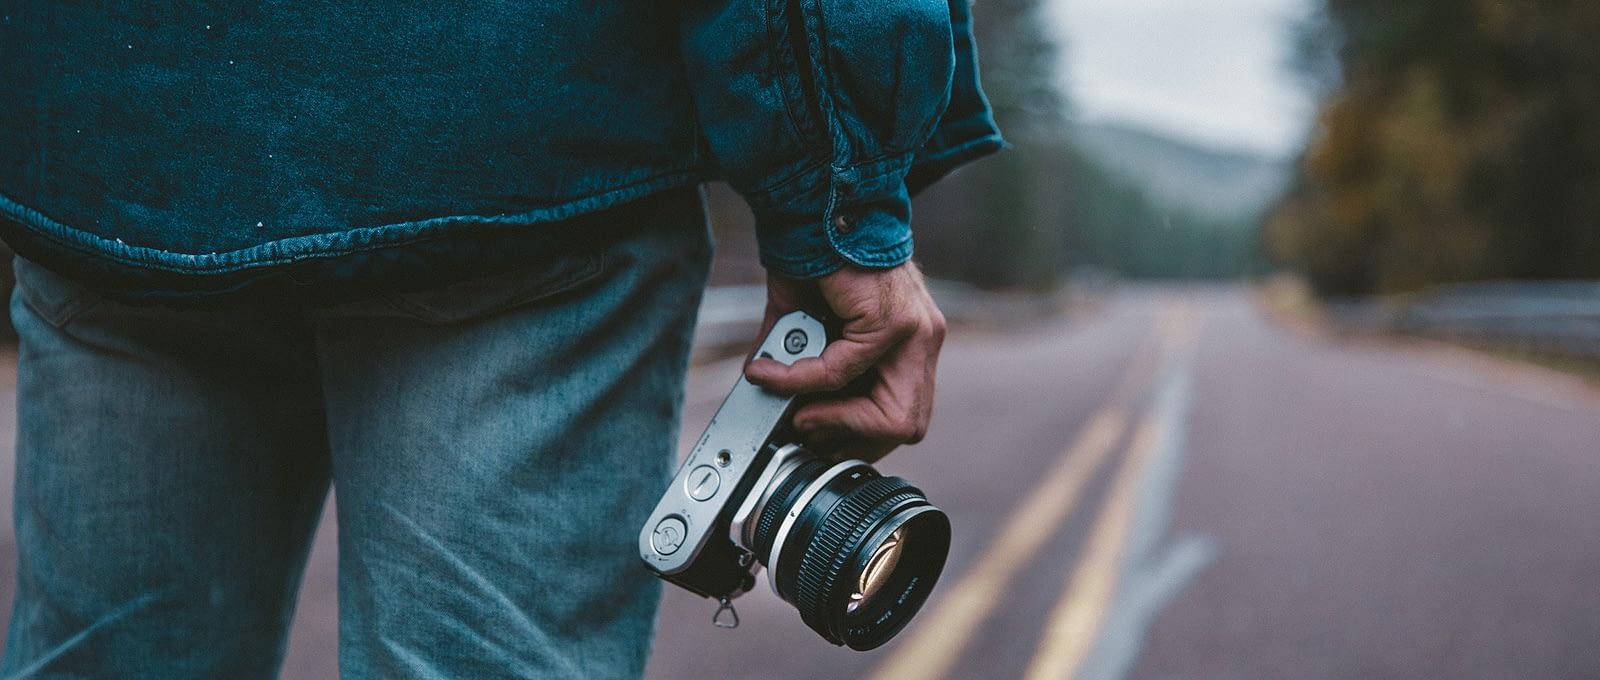 photo contest xpozer